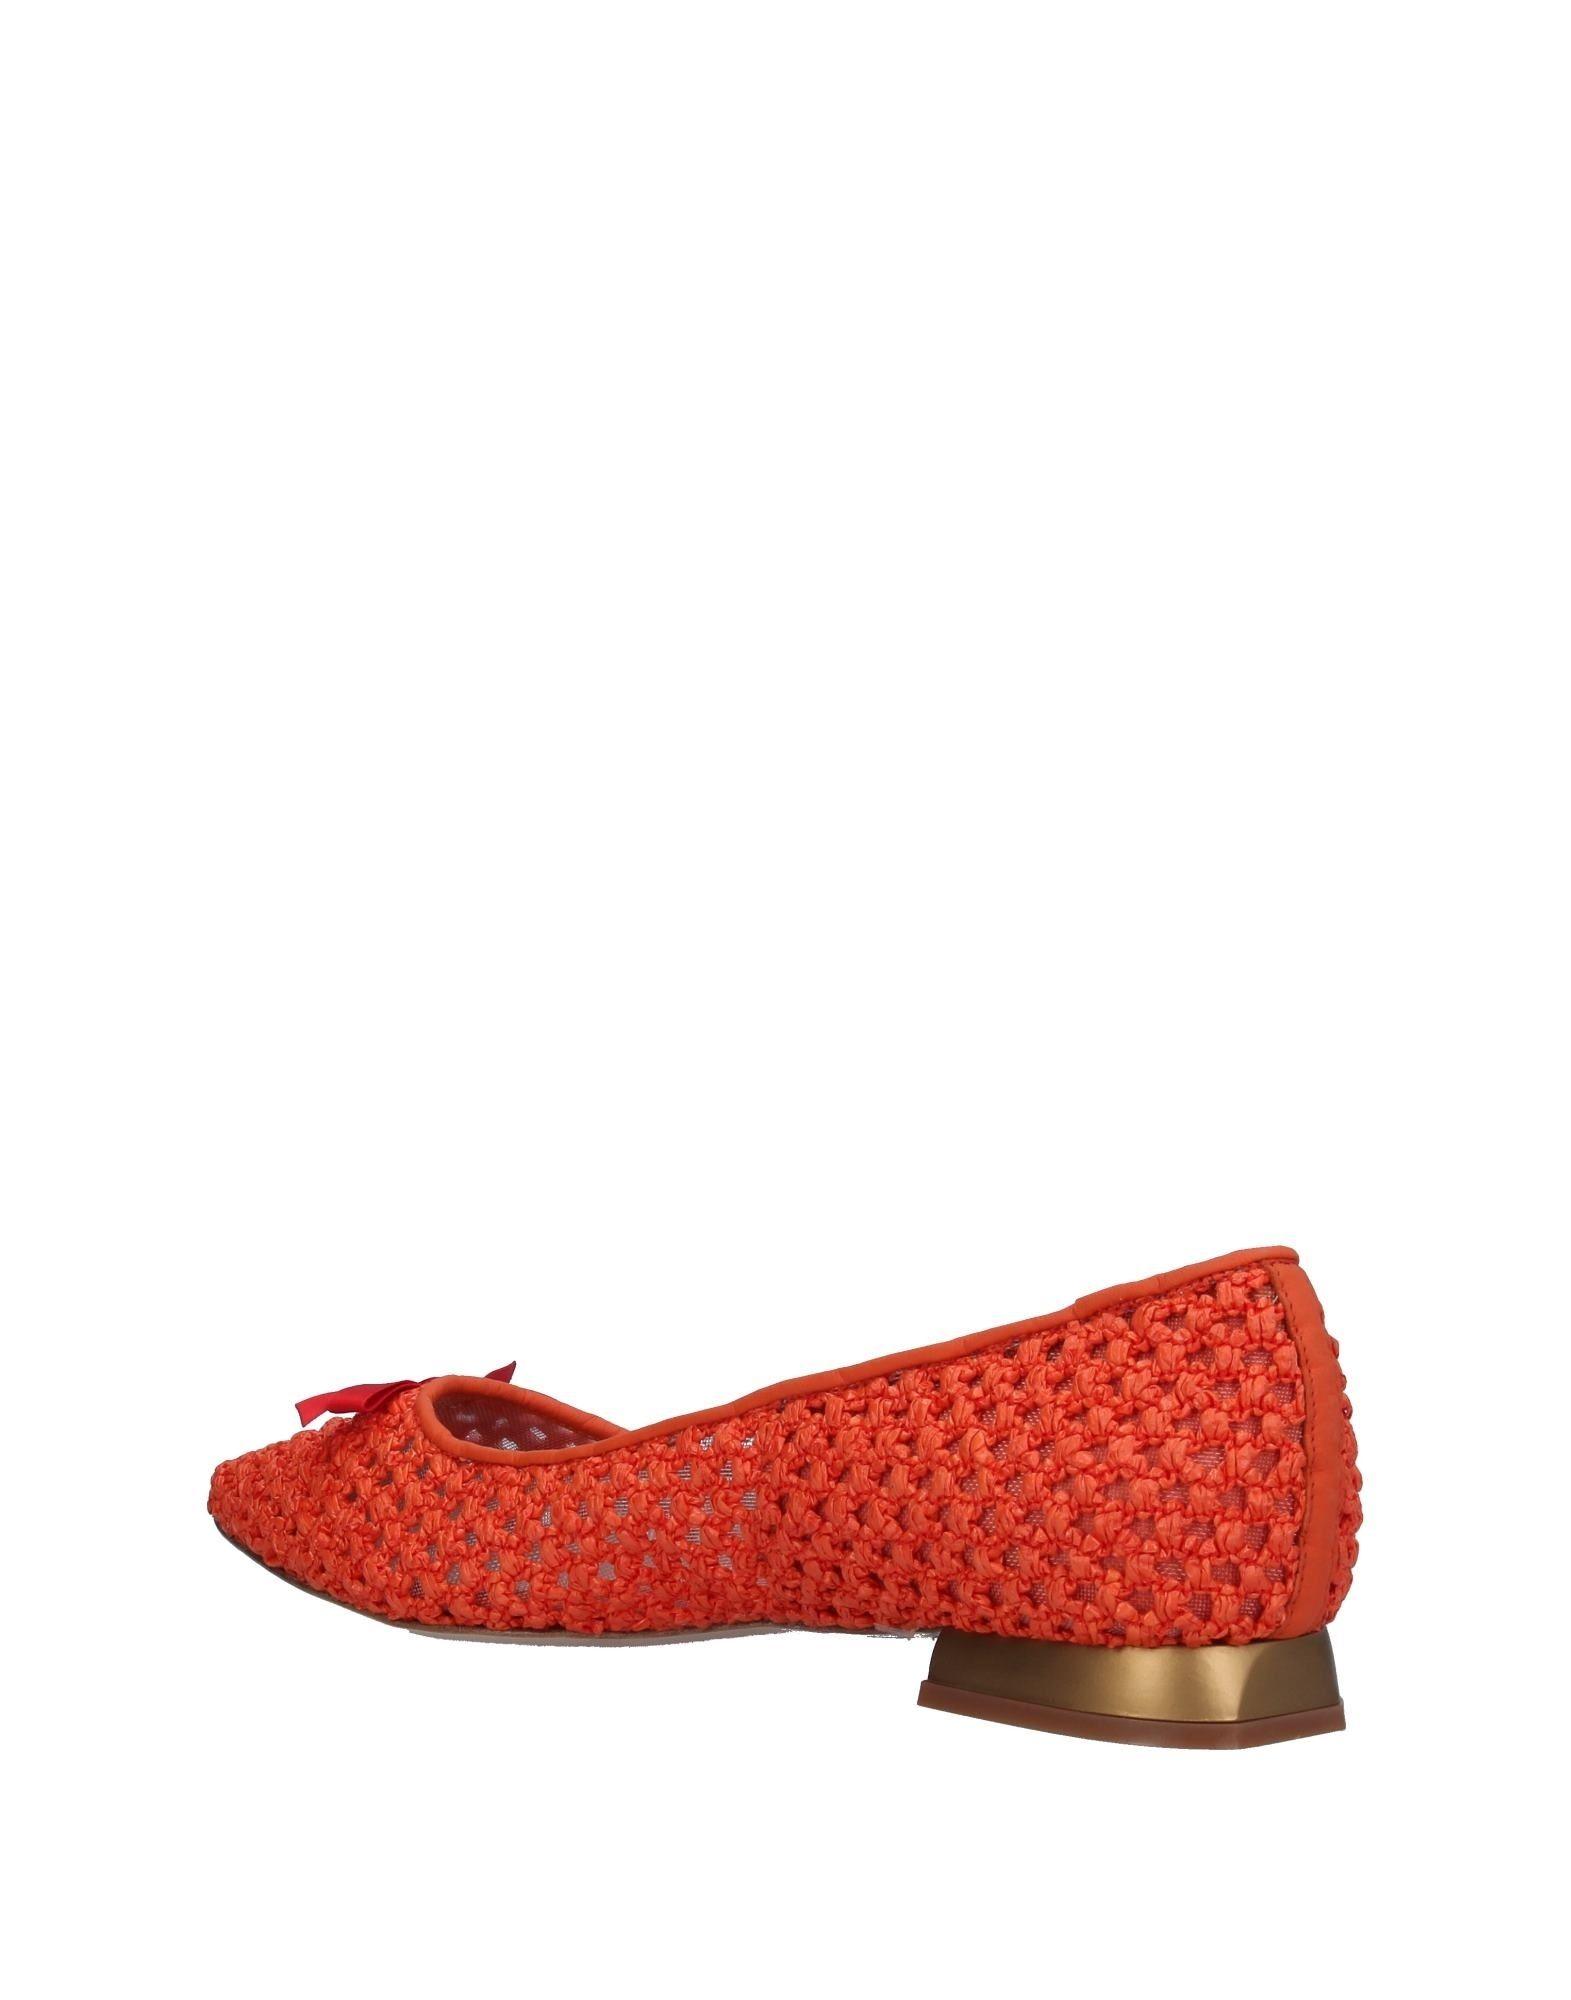 Giancarlo Paoli Ballerinas Damen  11337125AN Qualität Gute Qualität 11337125AN beliebte Schuhe 1d59f7